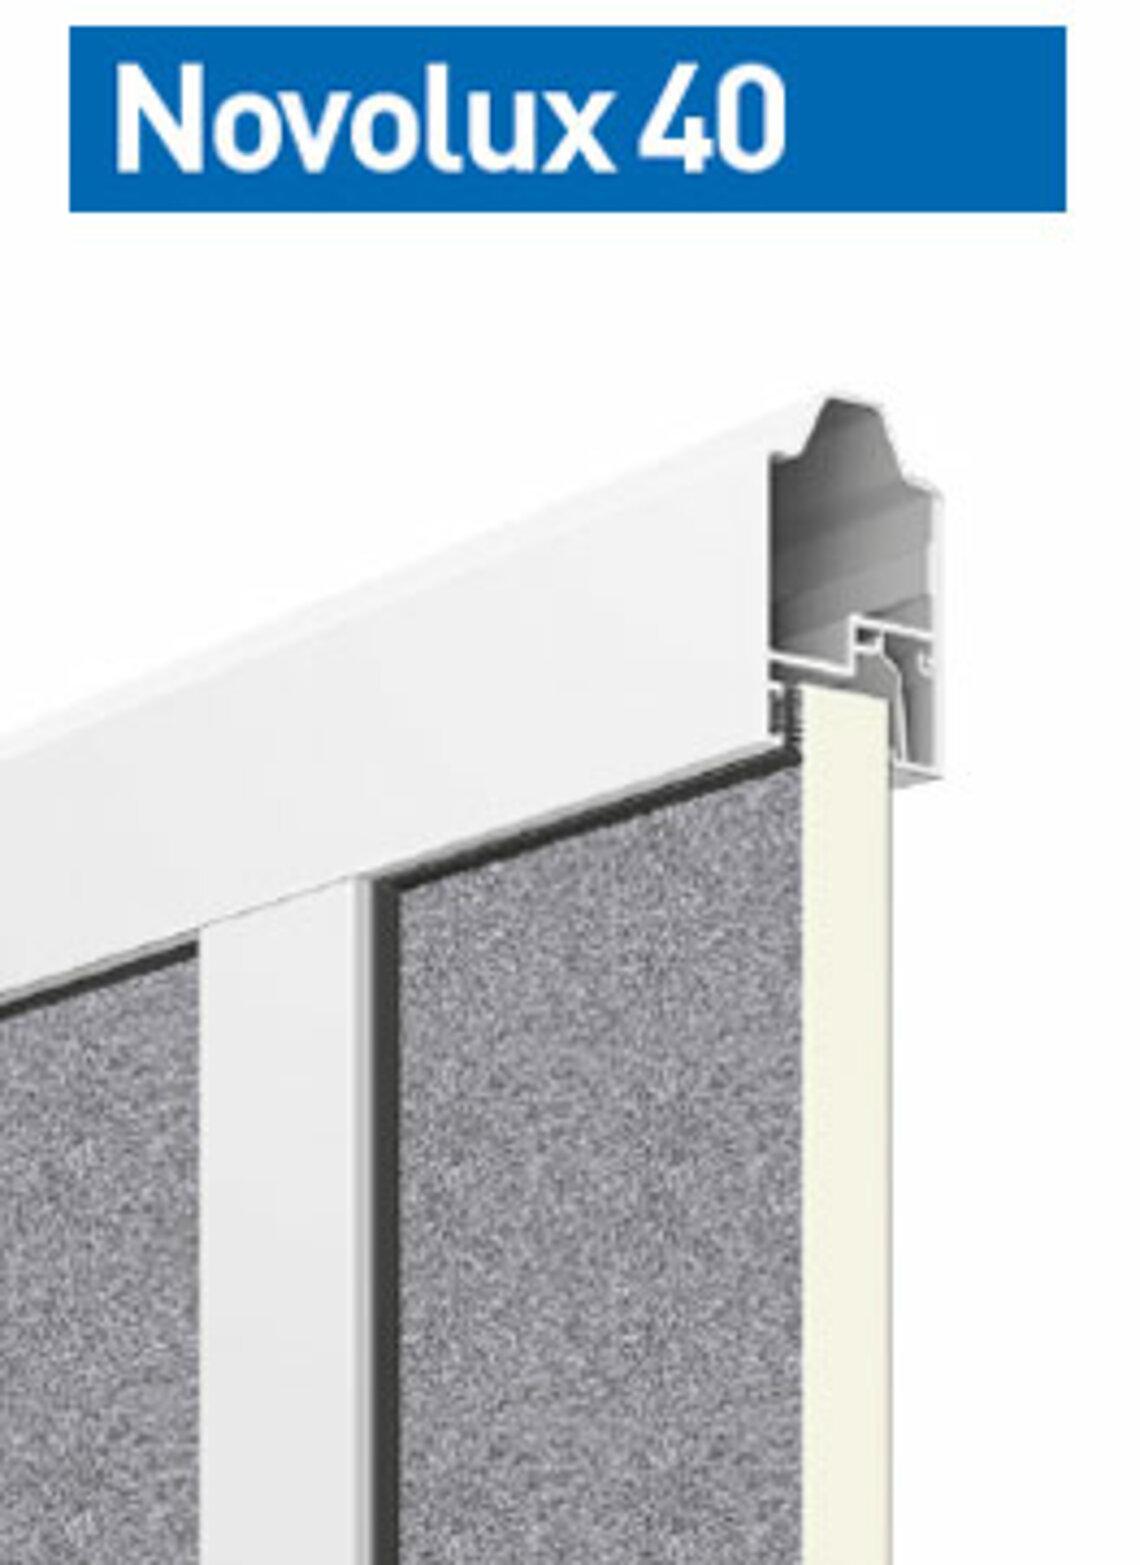 Novolux 40 20 mm: stucco